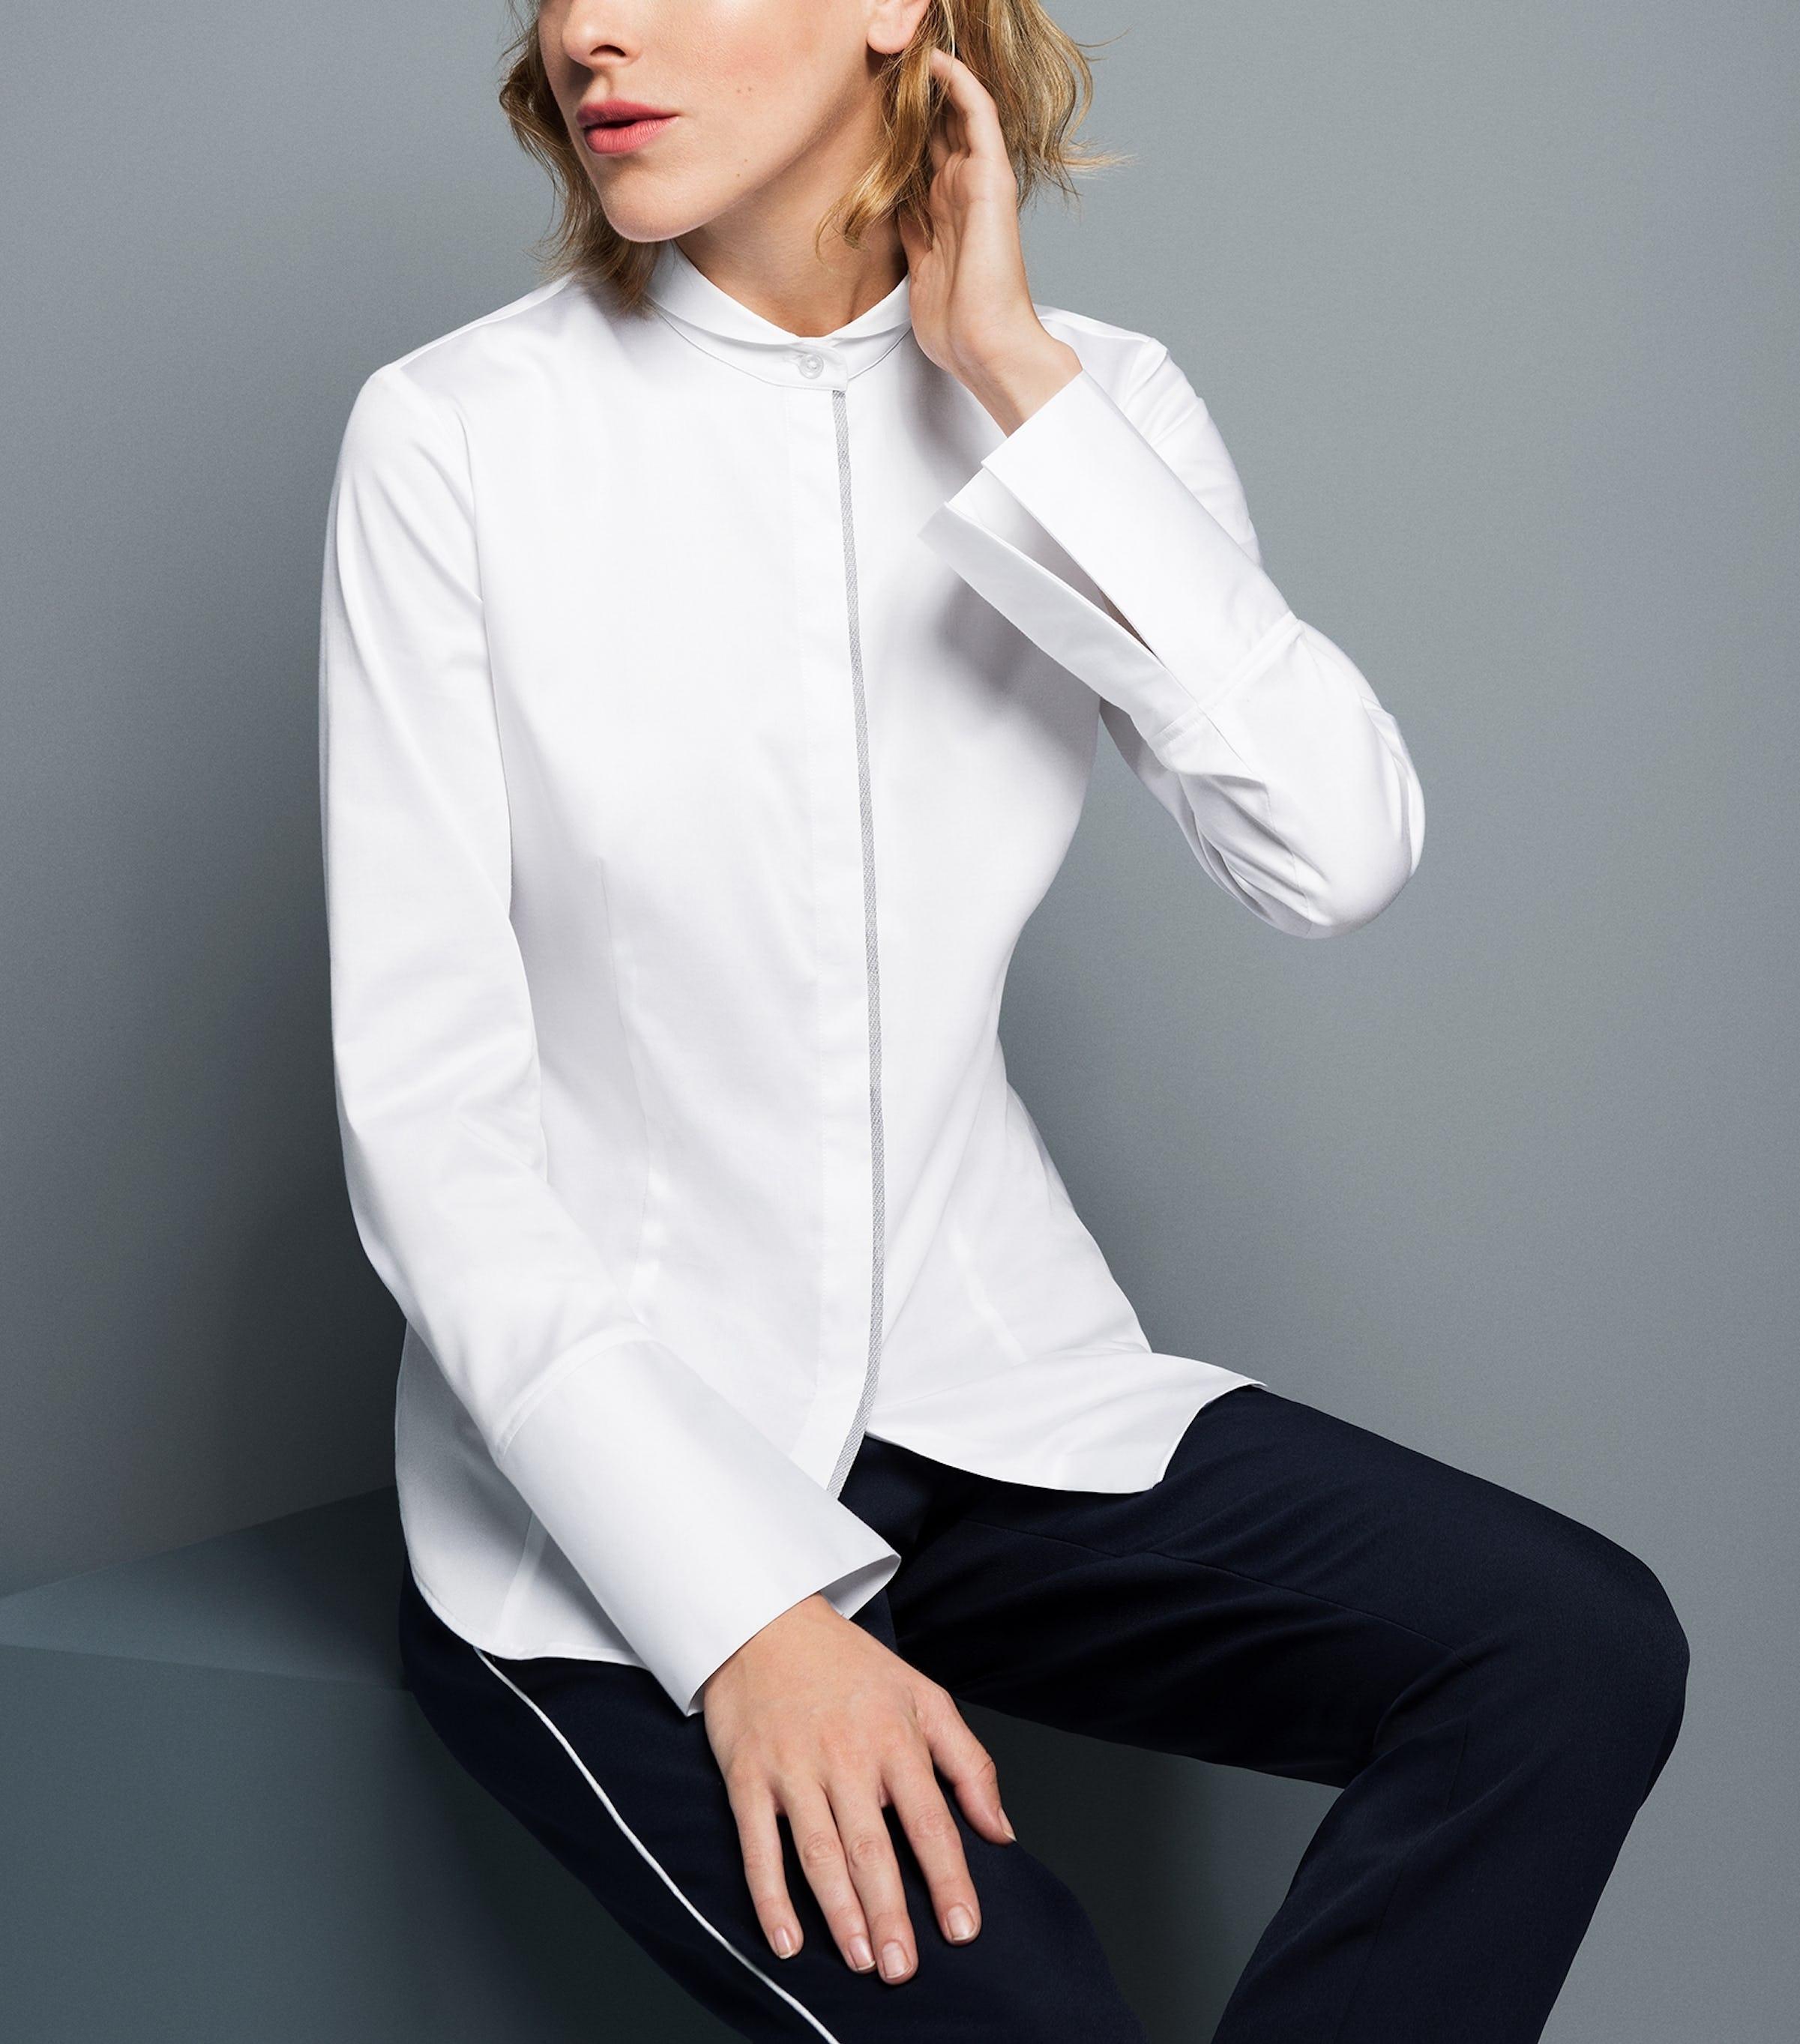 94934c12c9 So finden Sie die perfekte weiße Bluse